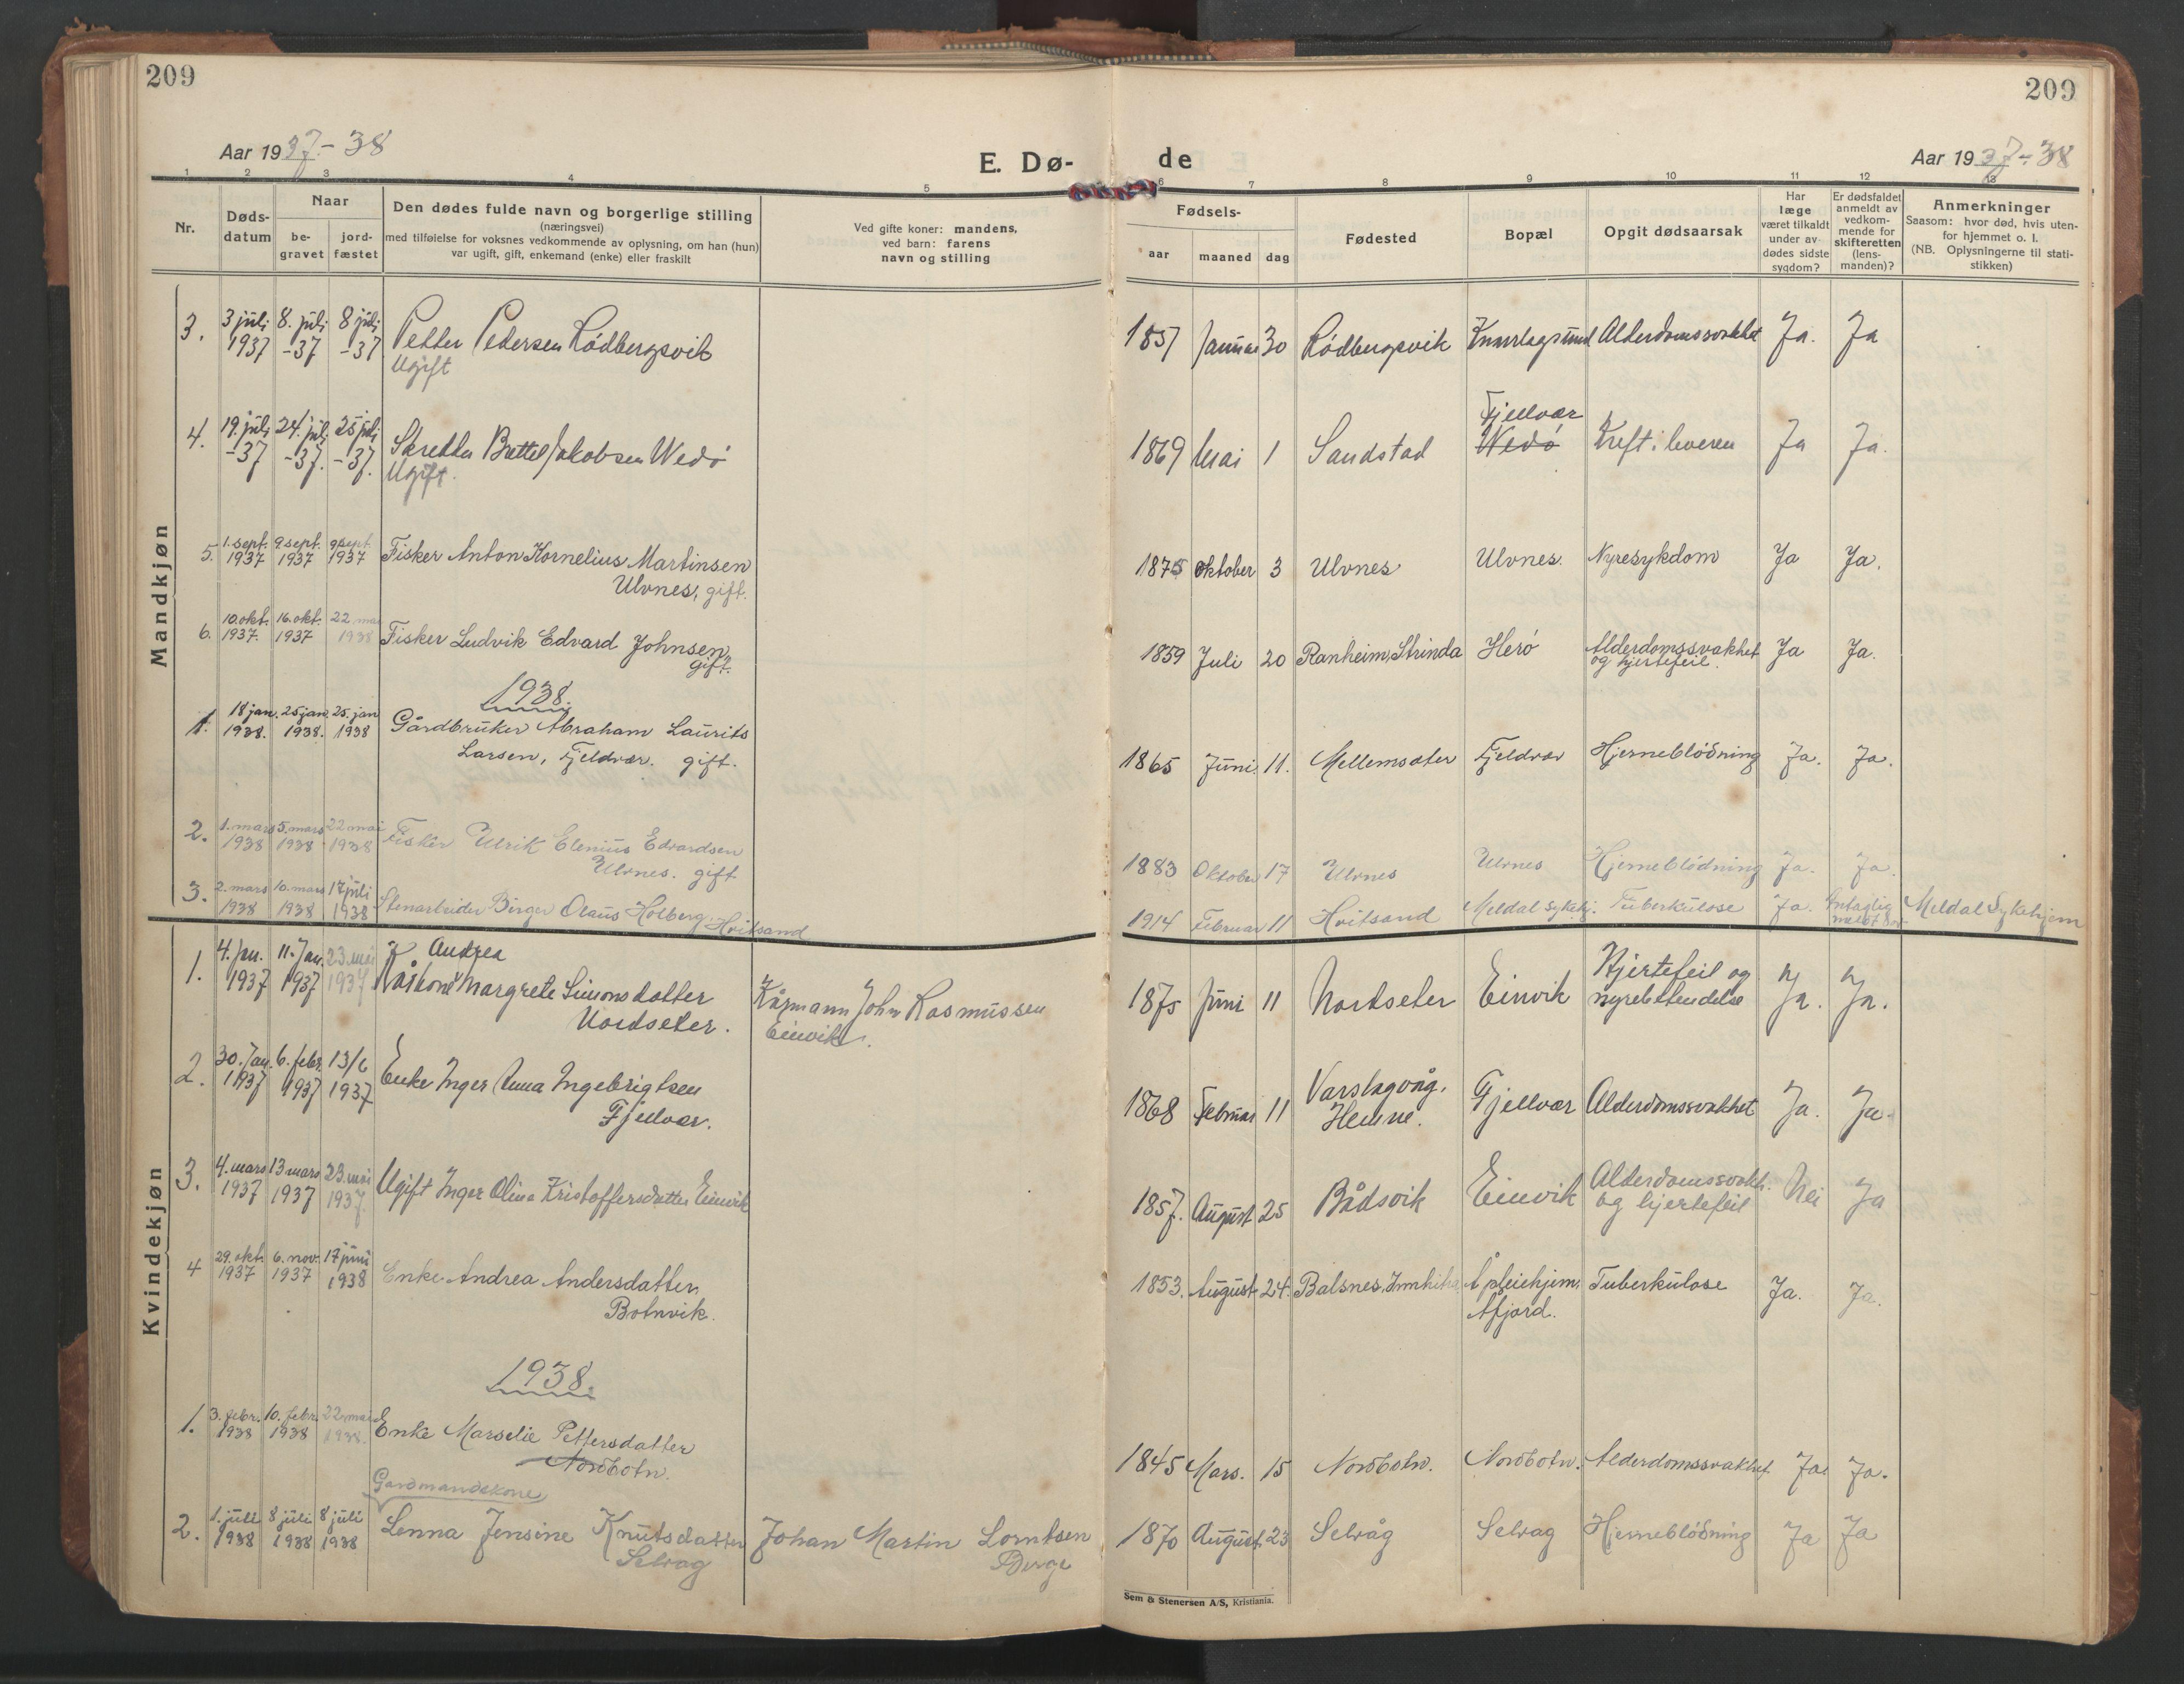 SAT, Ministerialprotokoller, klokkerbøker og fødselsregistre - Sør-Trøndelag, 638/L0569: Klokkerbok nr. 638C01, 1923-1961, s. 209